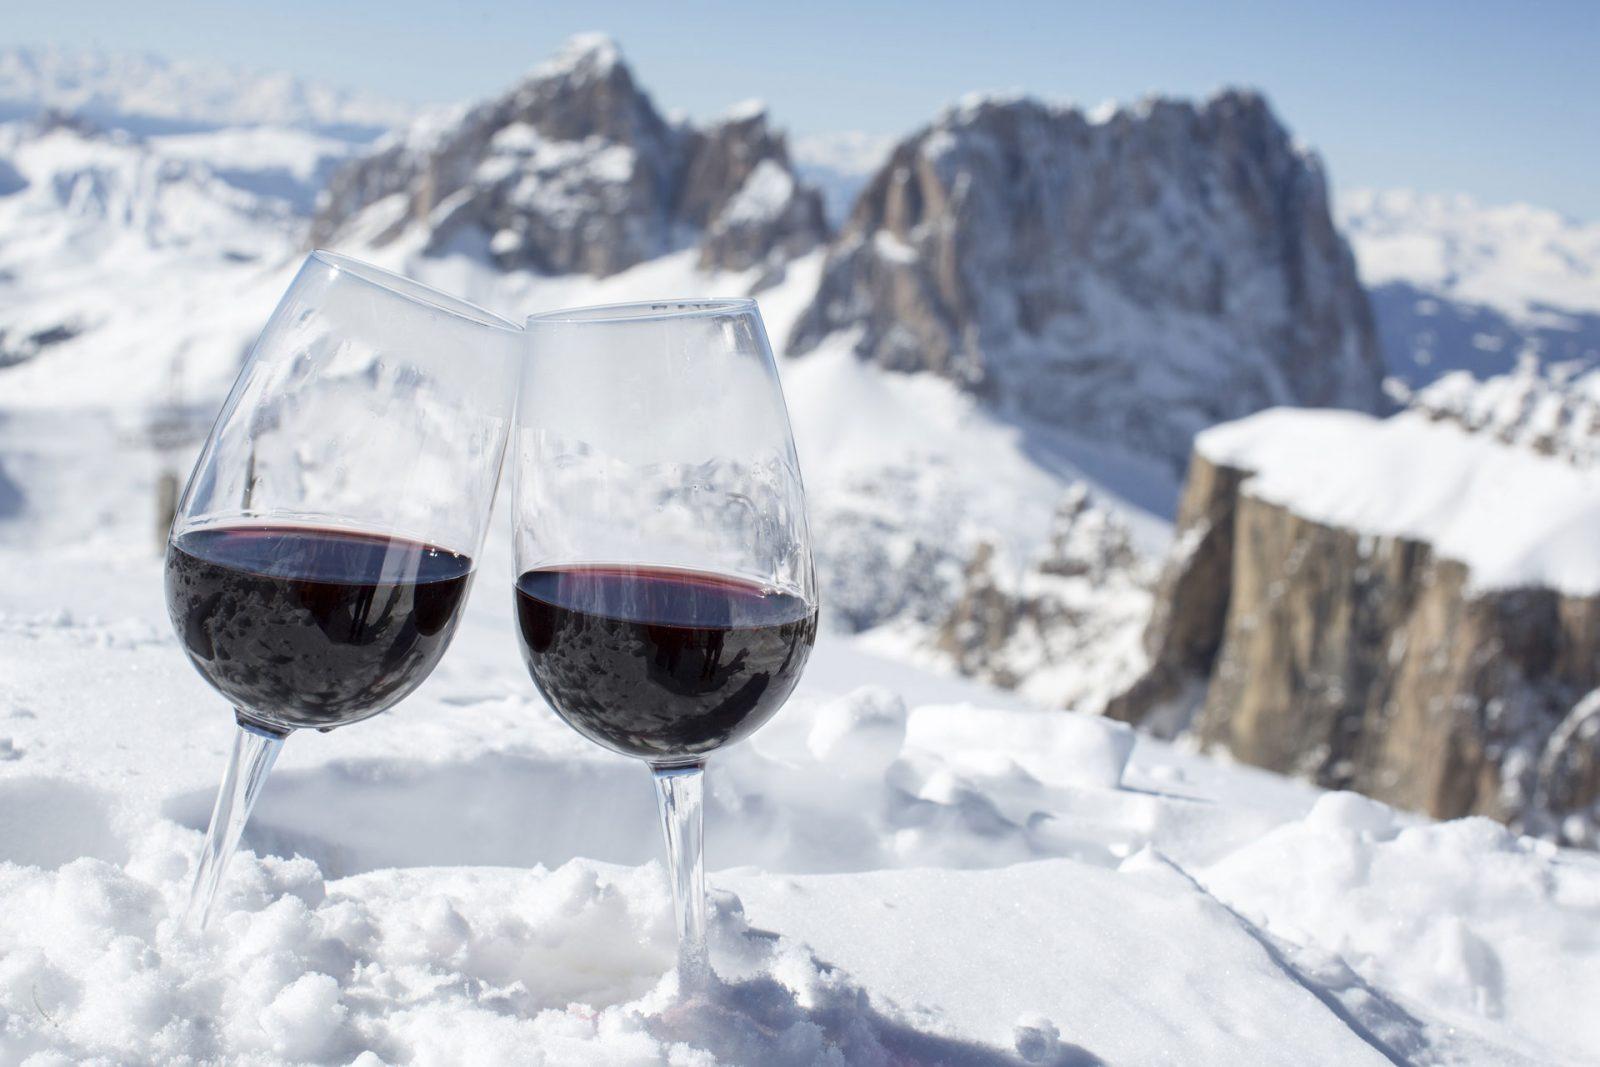 Eventi In Trentino 20 Simposio Top Wine 2950 Sulla Terrazza Delle